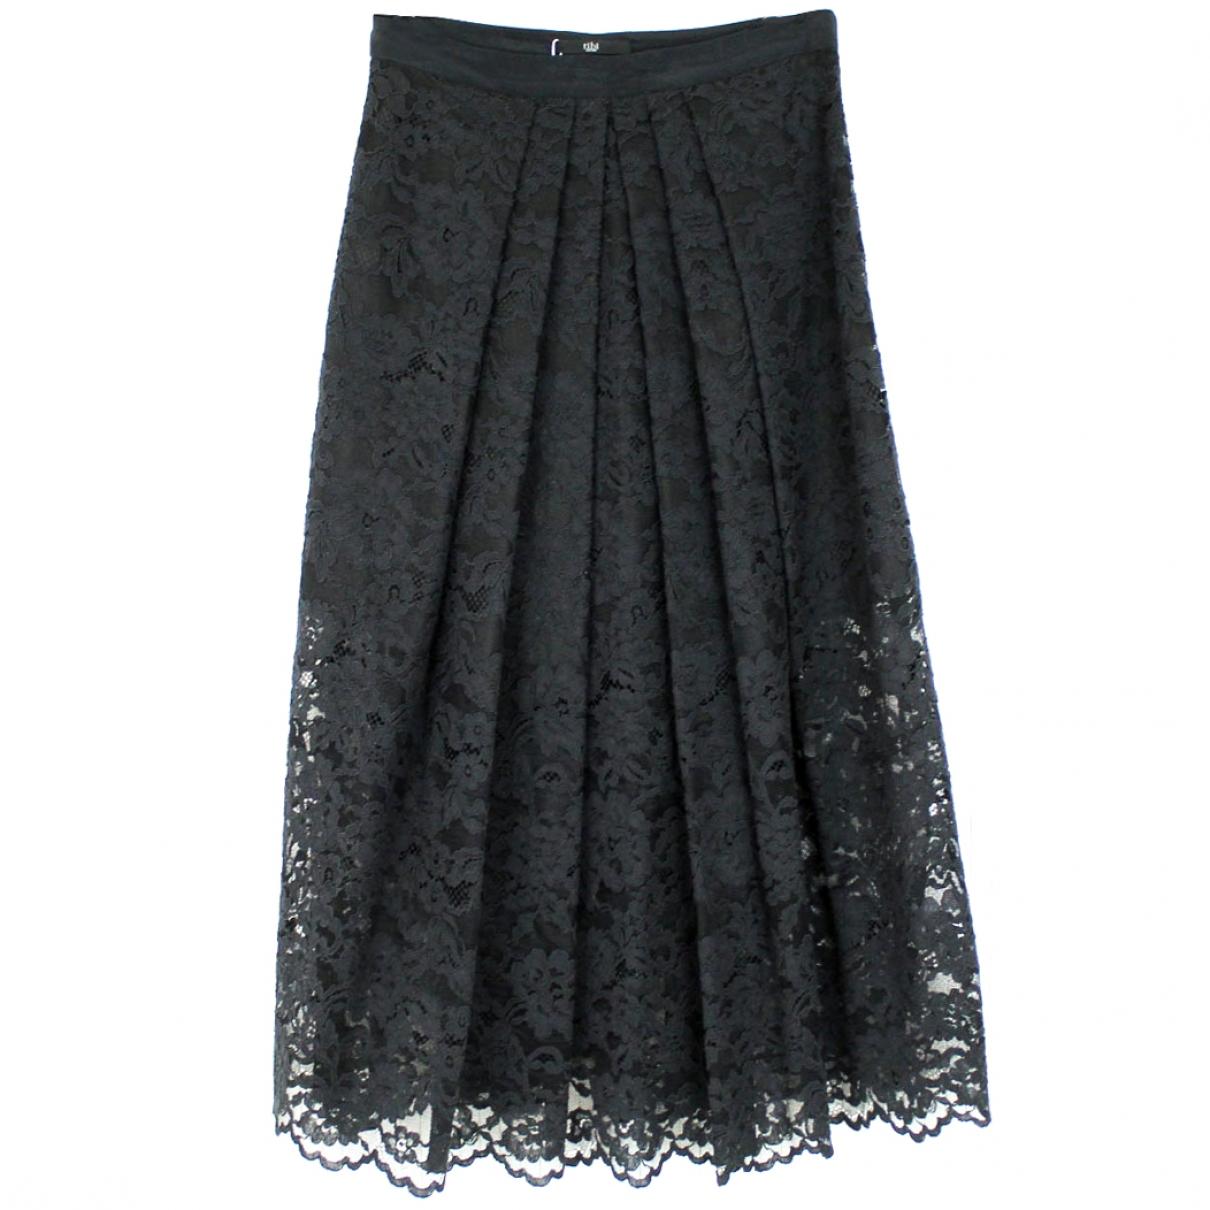 Tibi \N Black skirt for Women 4 US